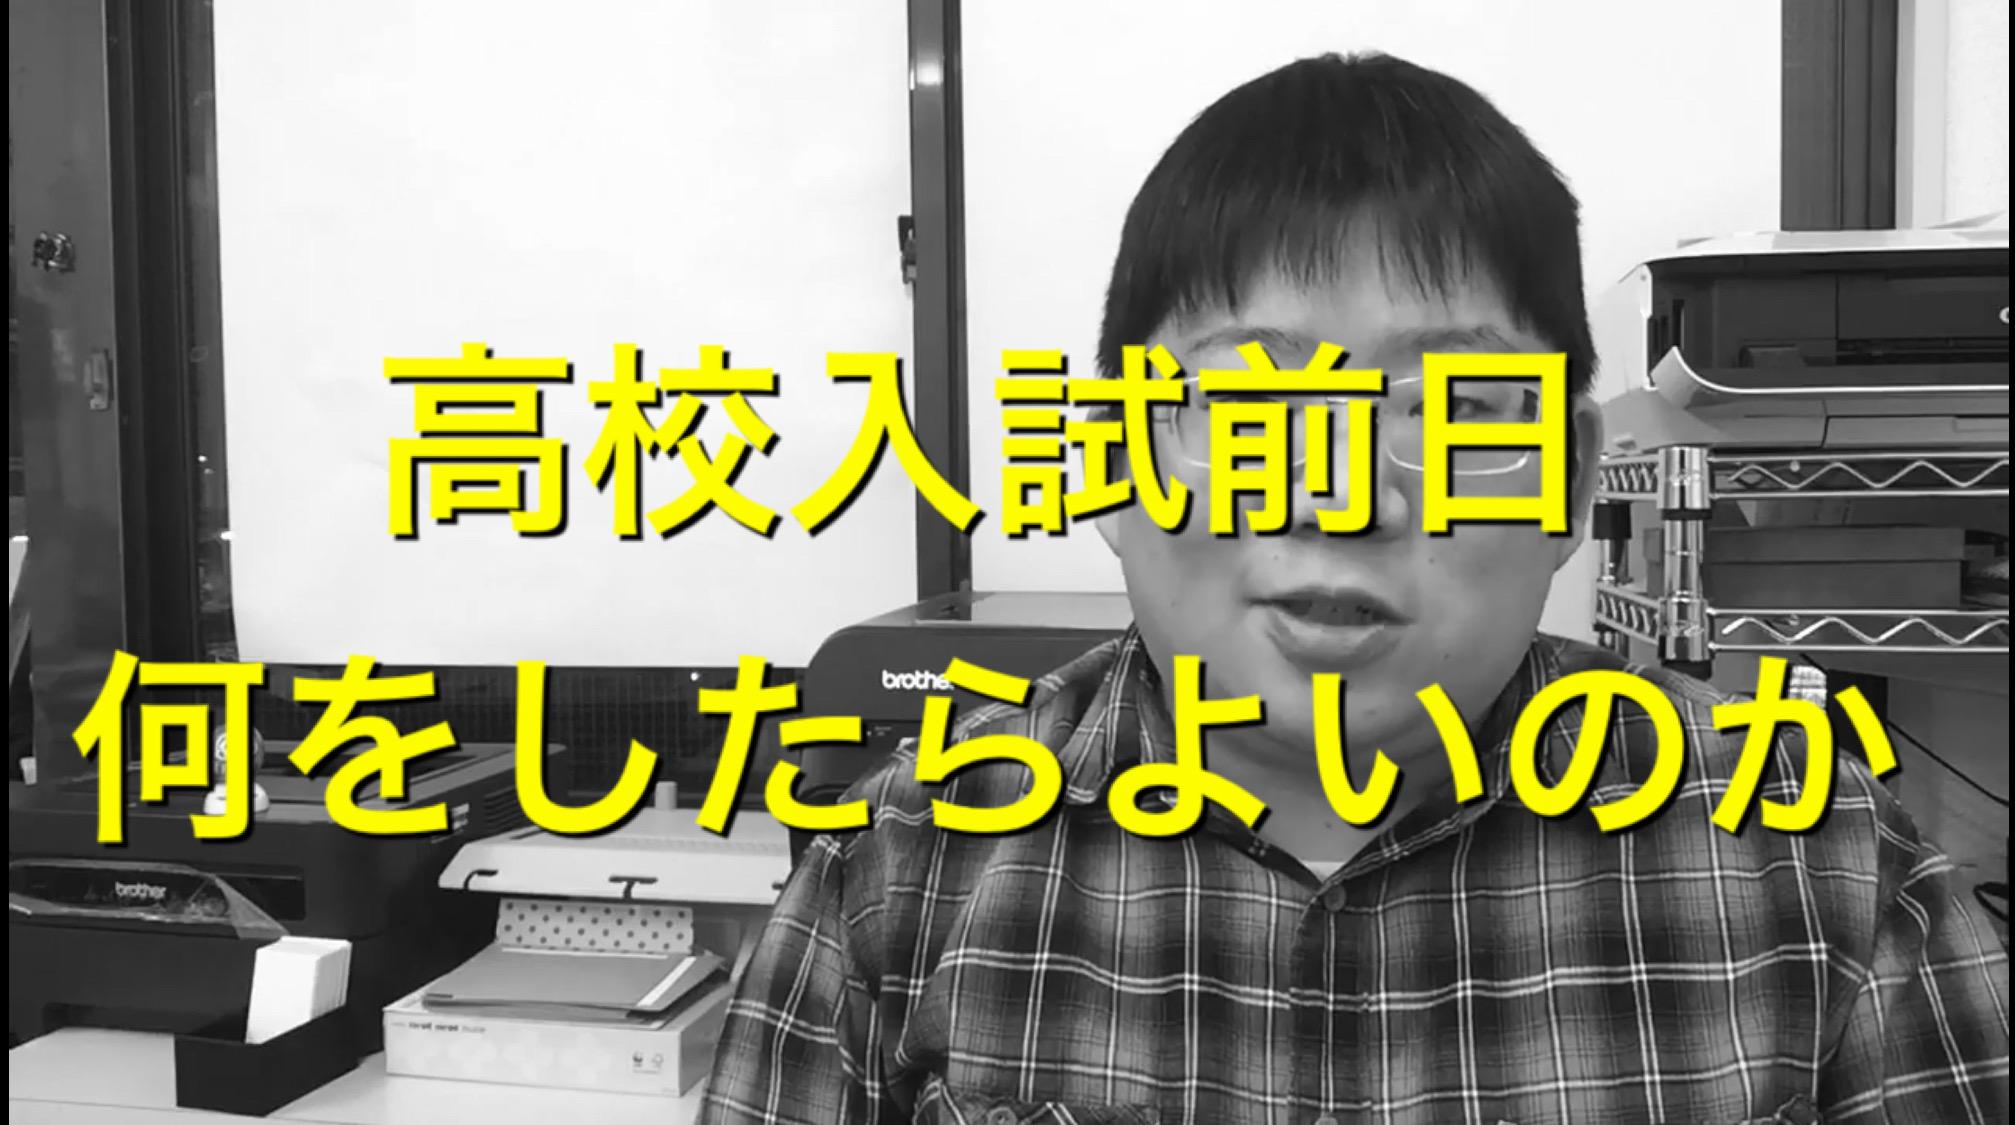 (動画)高校入試前日 何をしたらよいのか